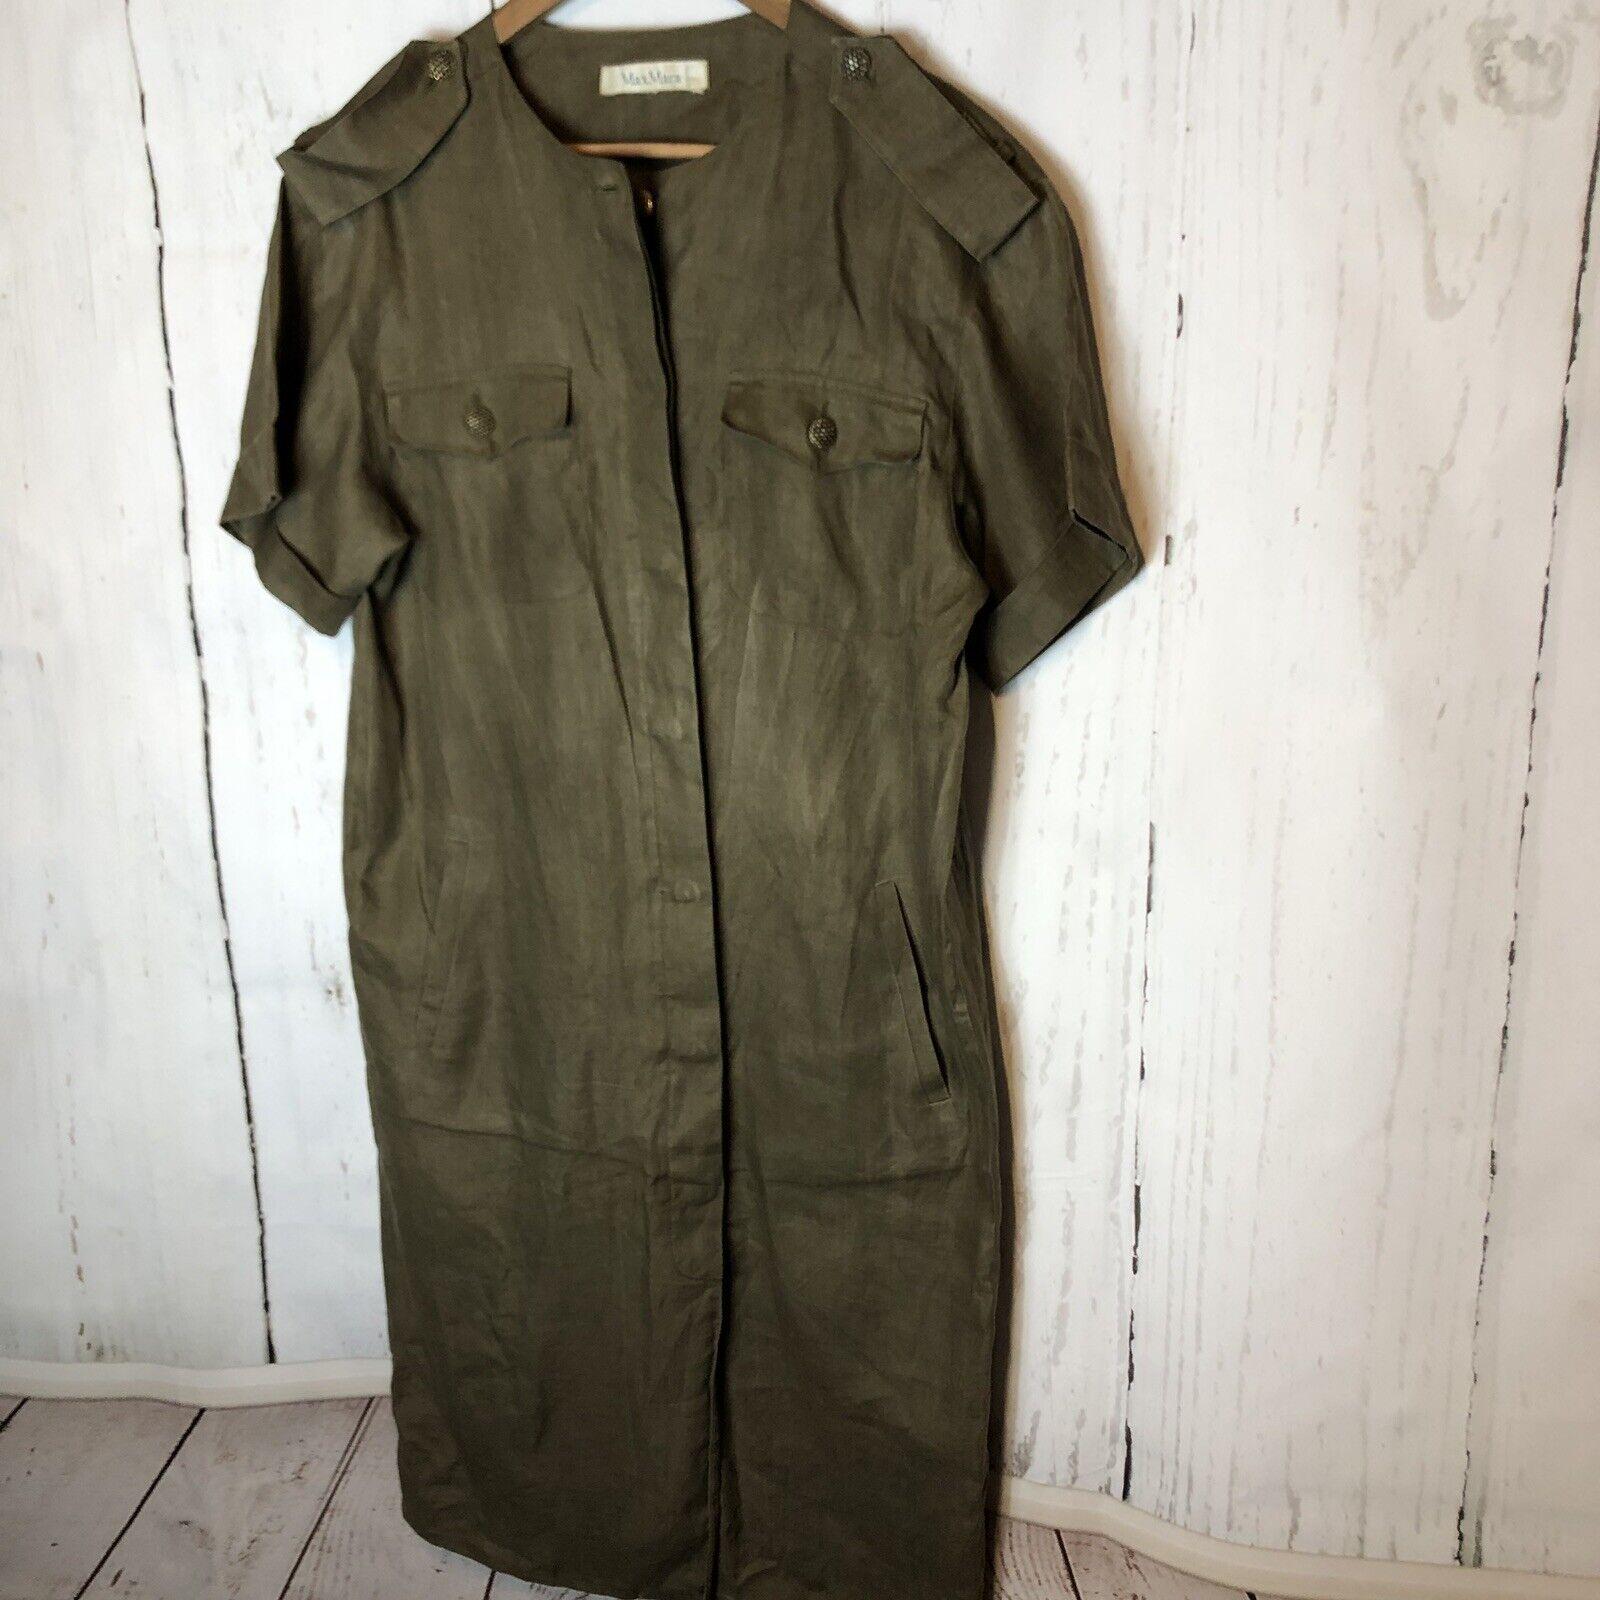 Max Mara damen Linen Shirt Dress Army Grün  Military Gold Buttons  10 12 LG